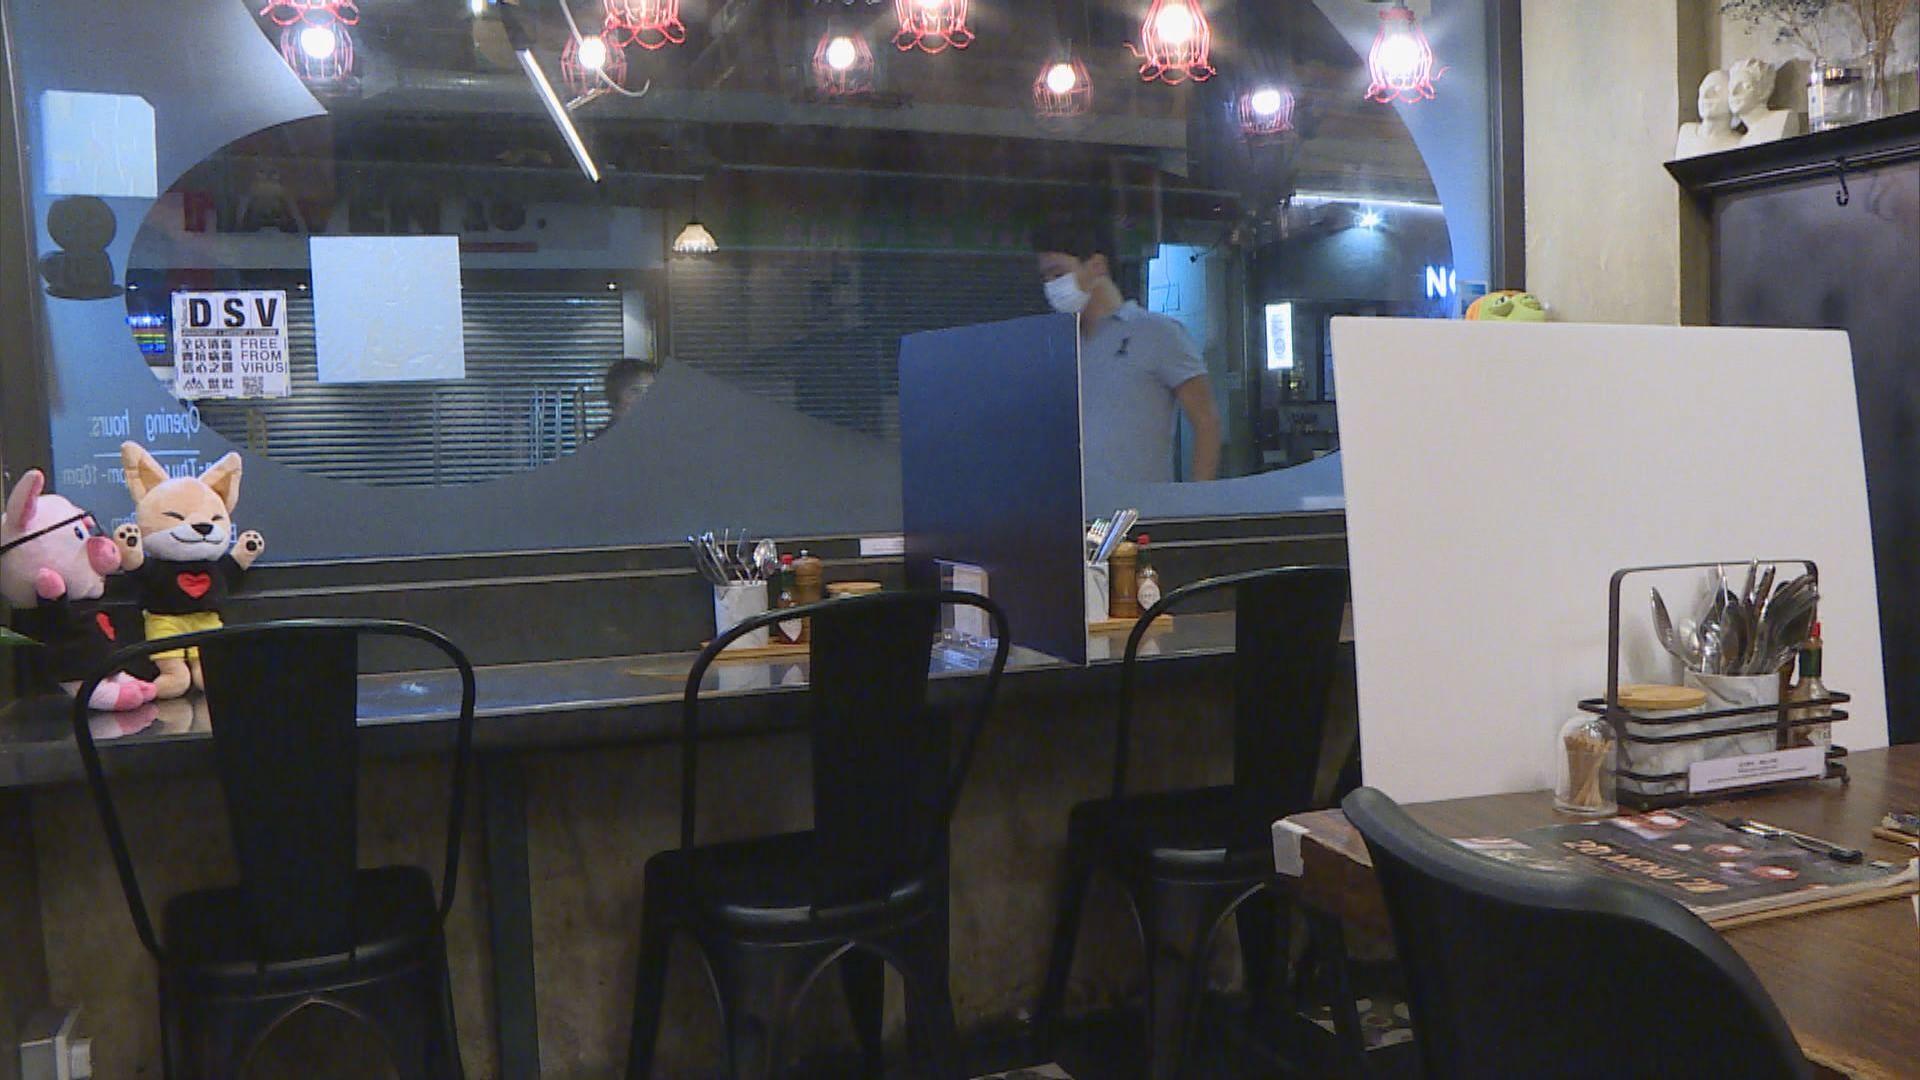 政府禁晚市堂食 餐廳預期生意進一步受損